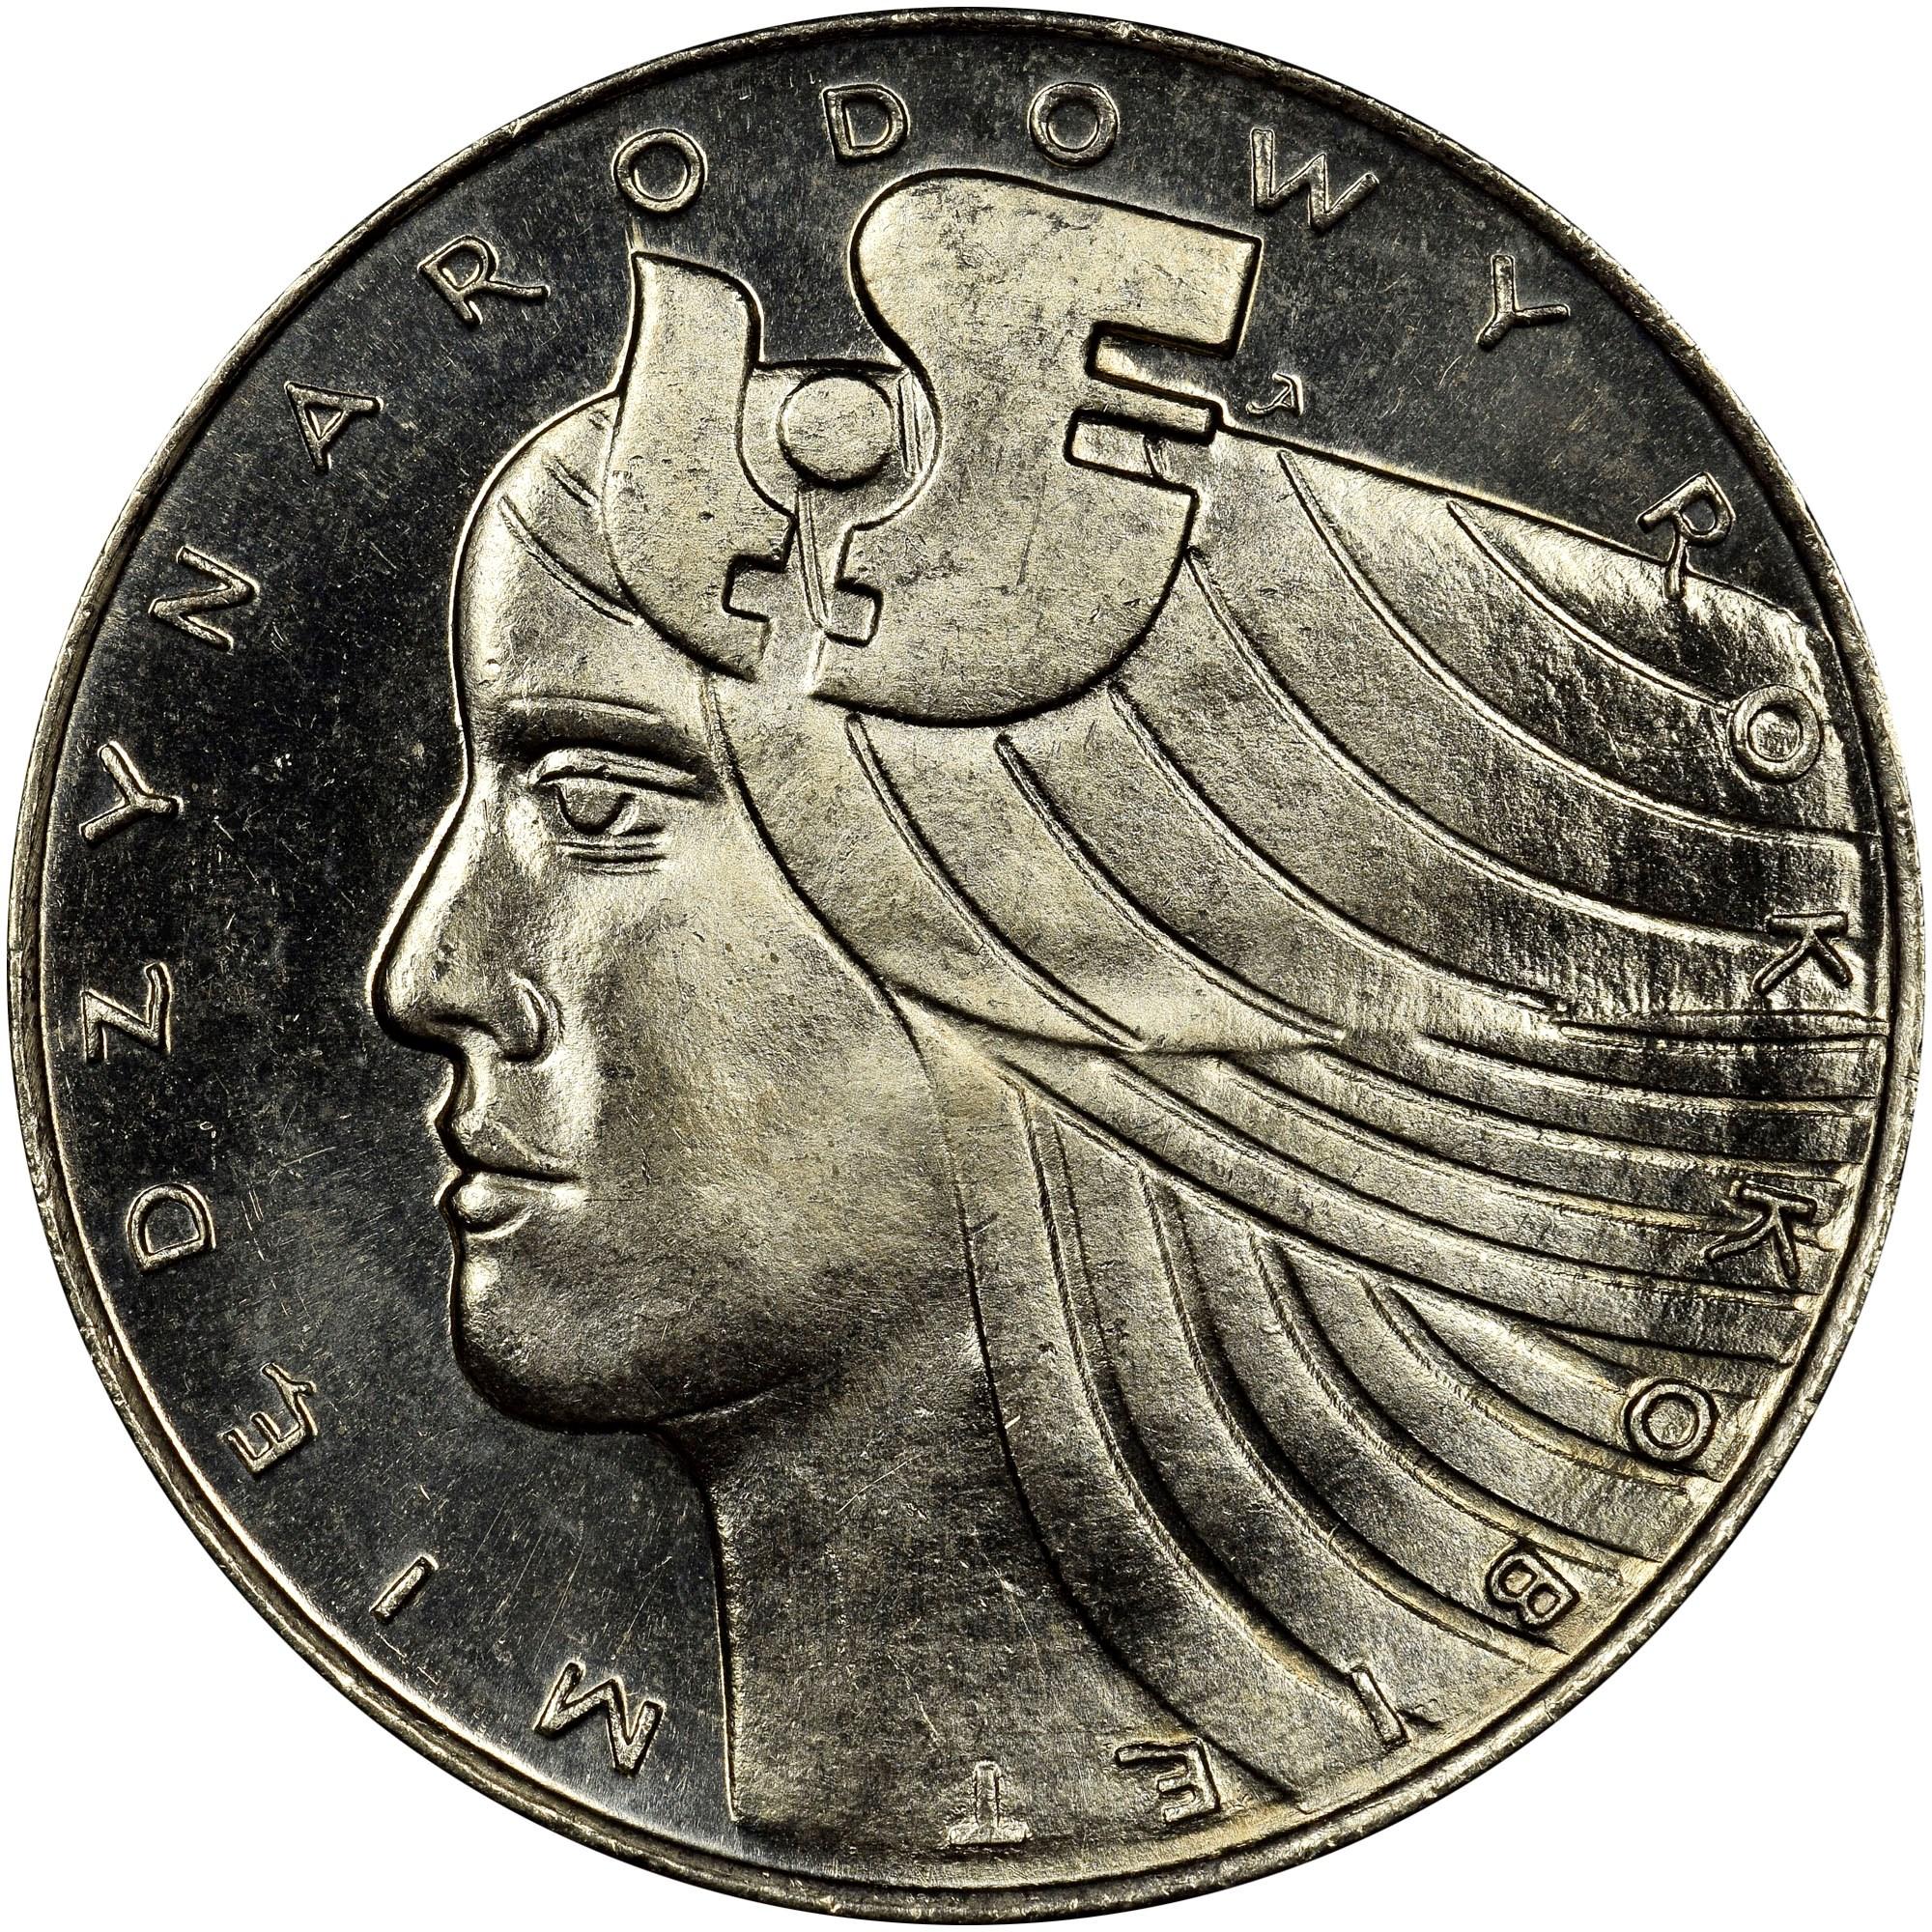 Poland 20 Złotych reverse